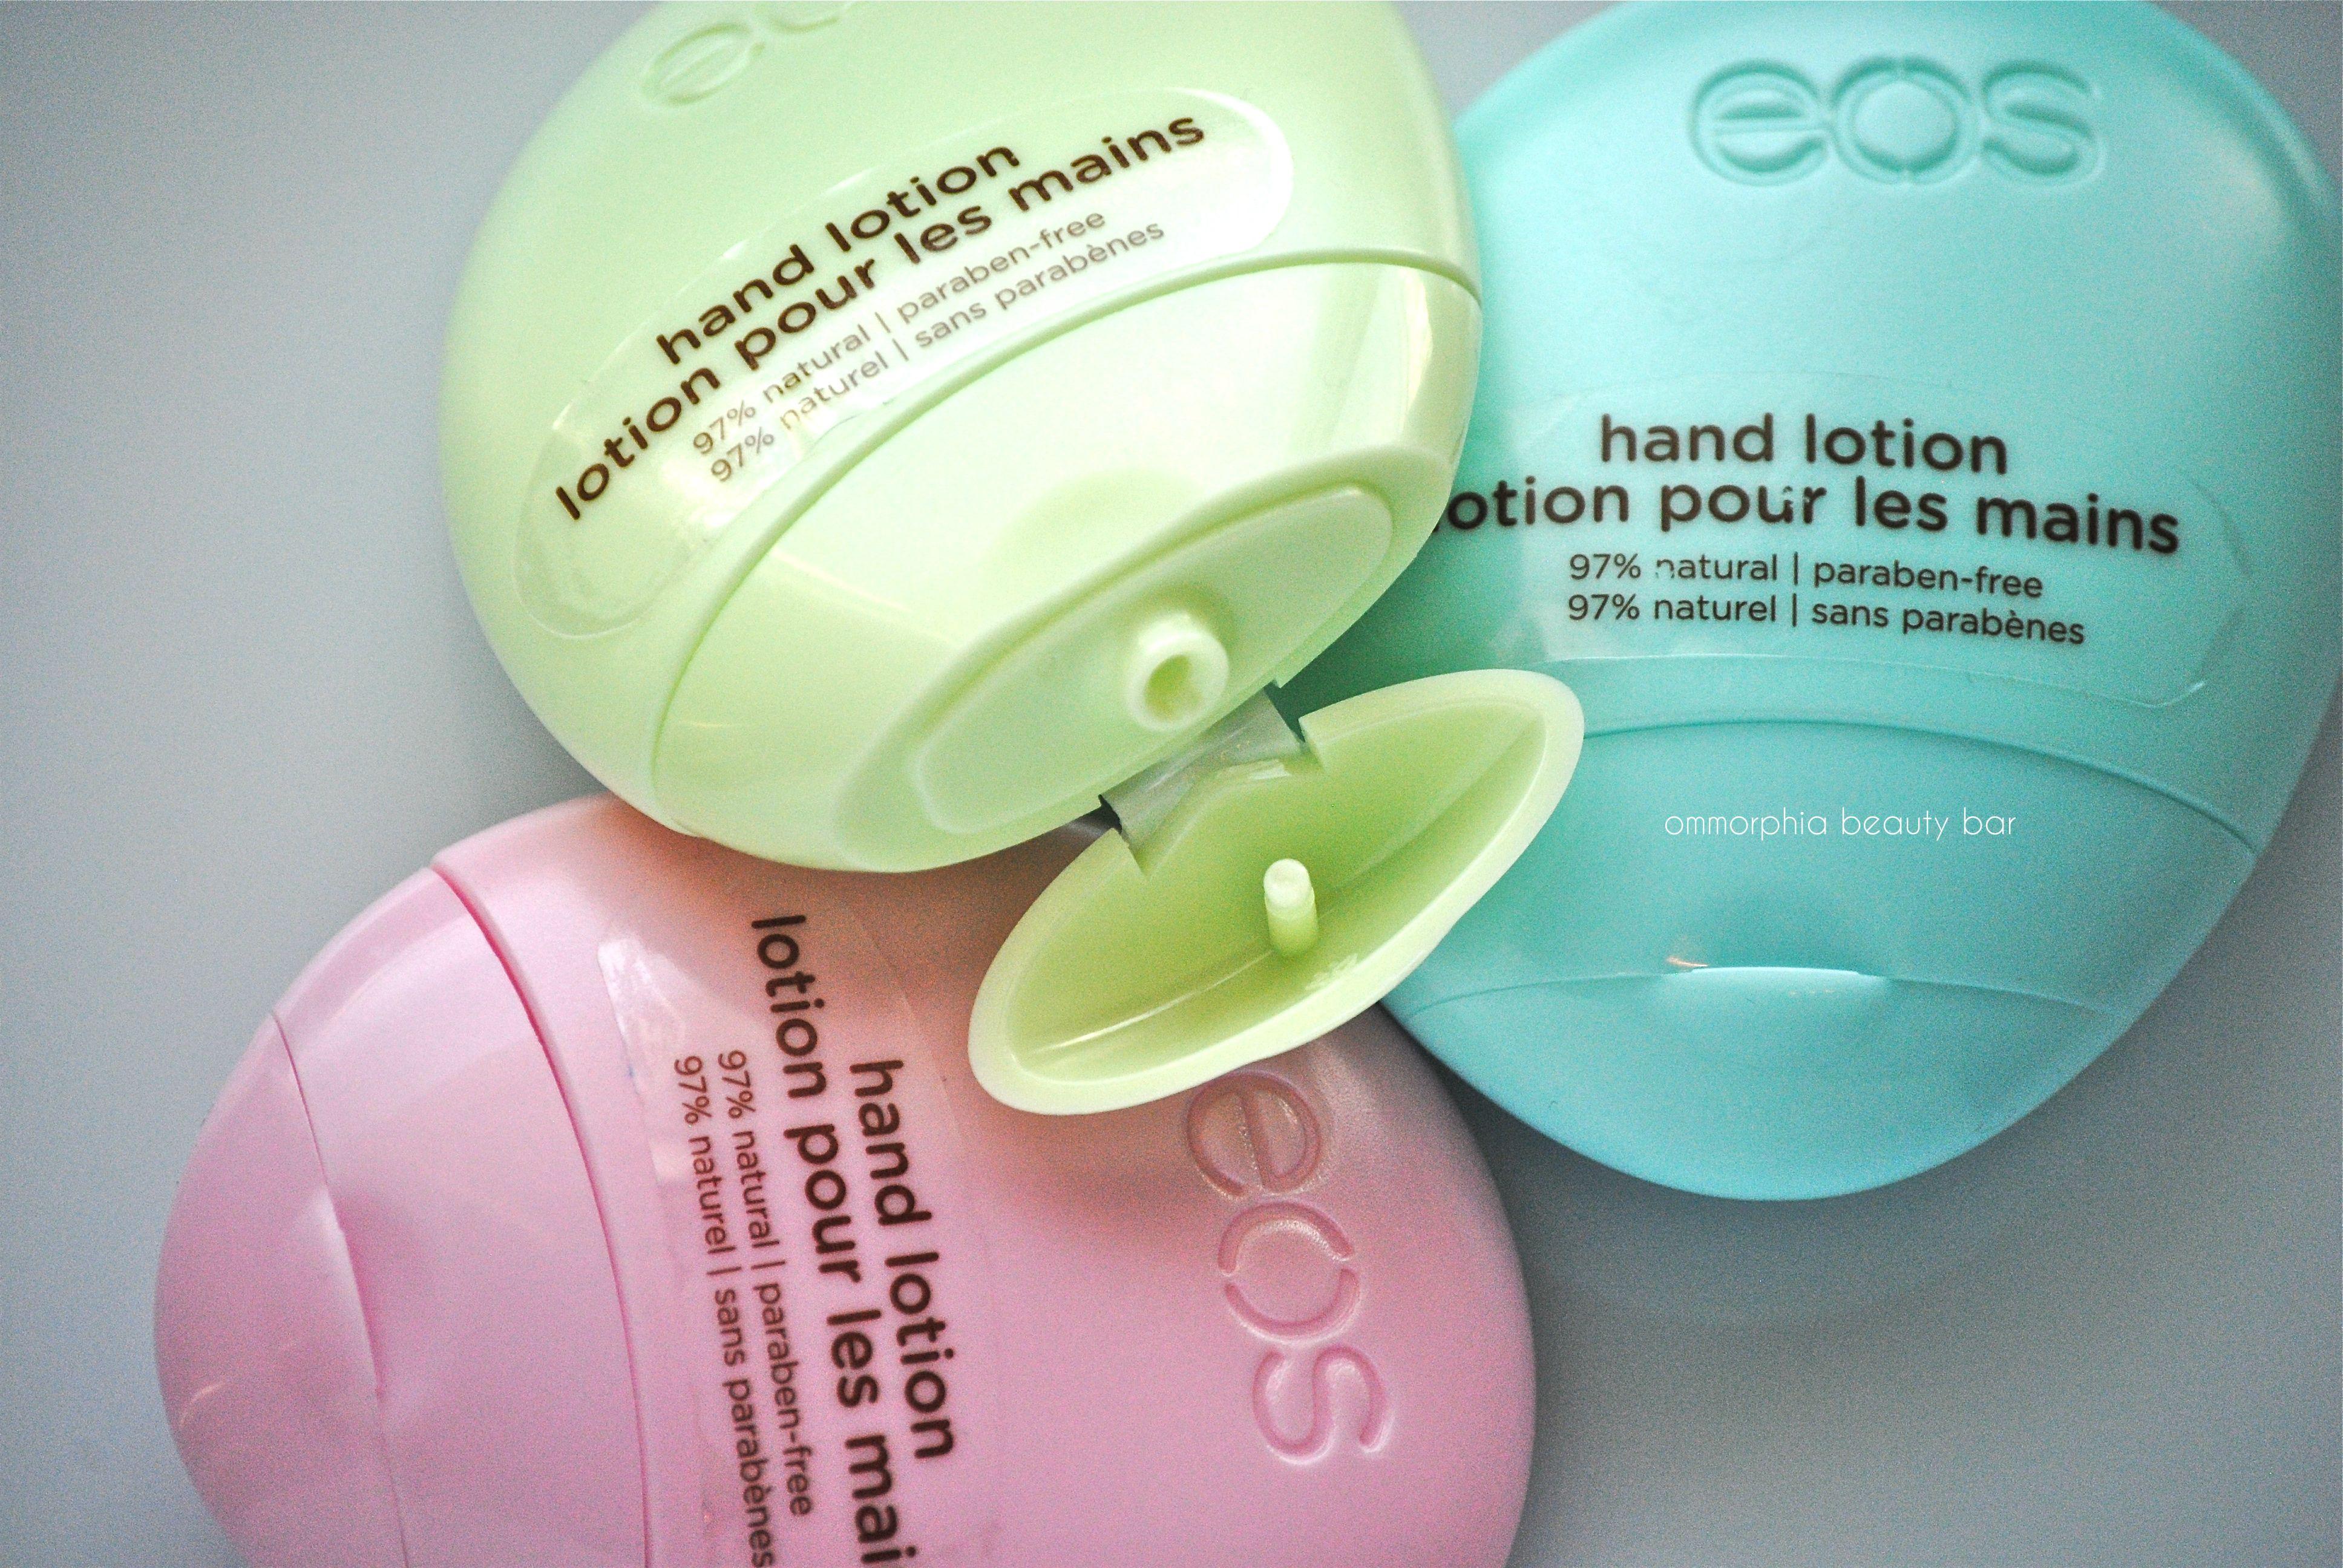 hand cream - Buscar con Google